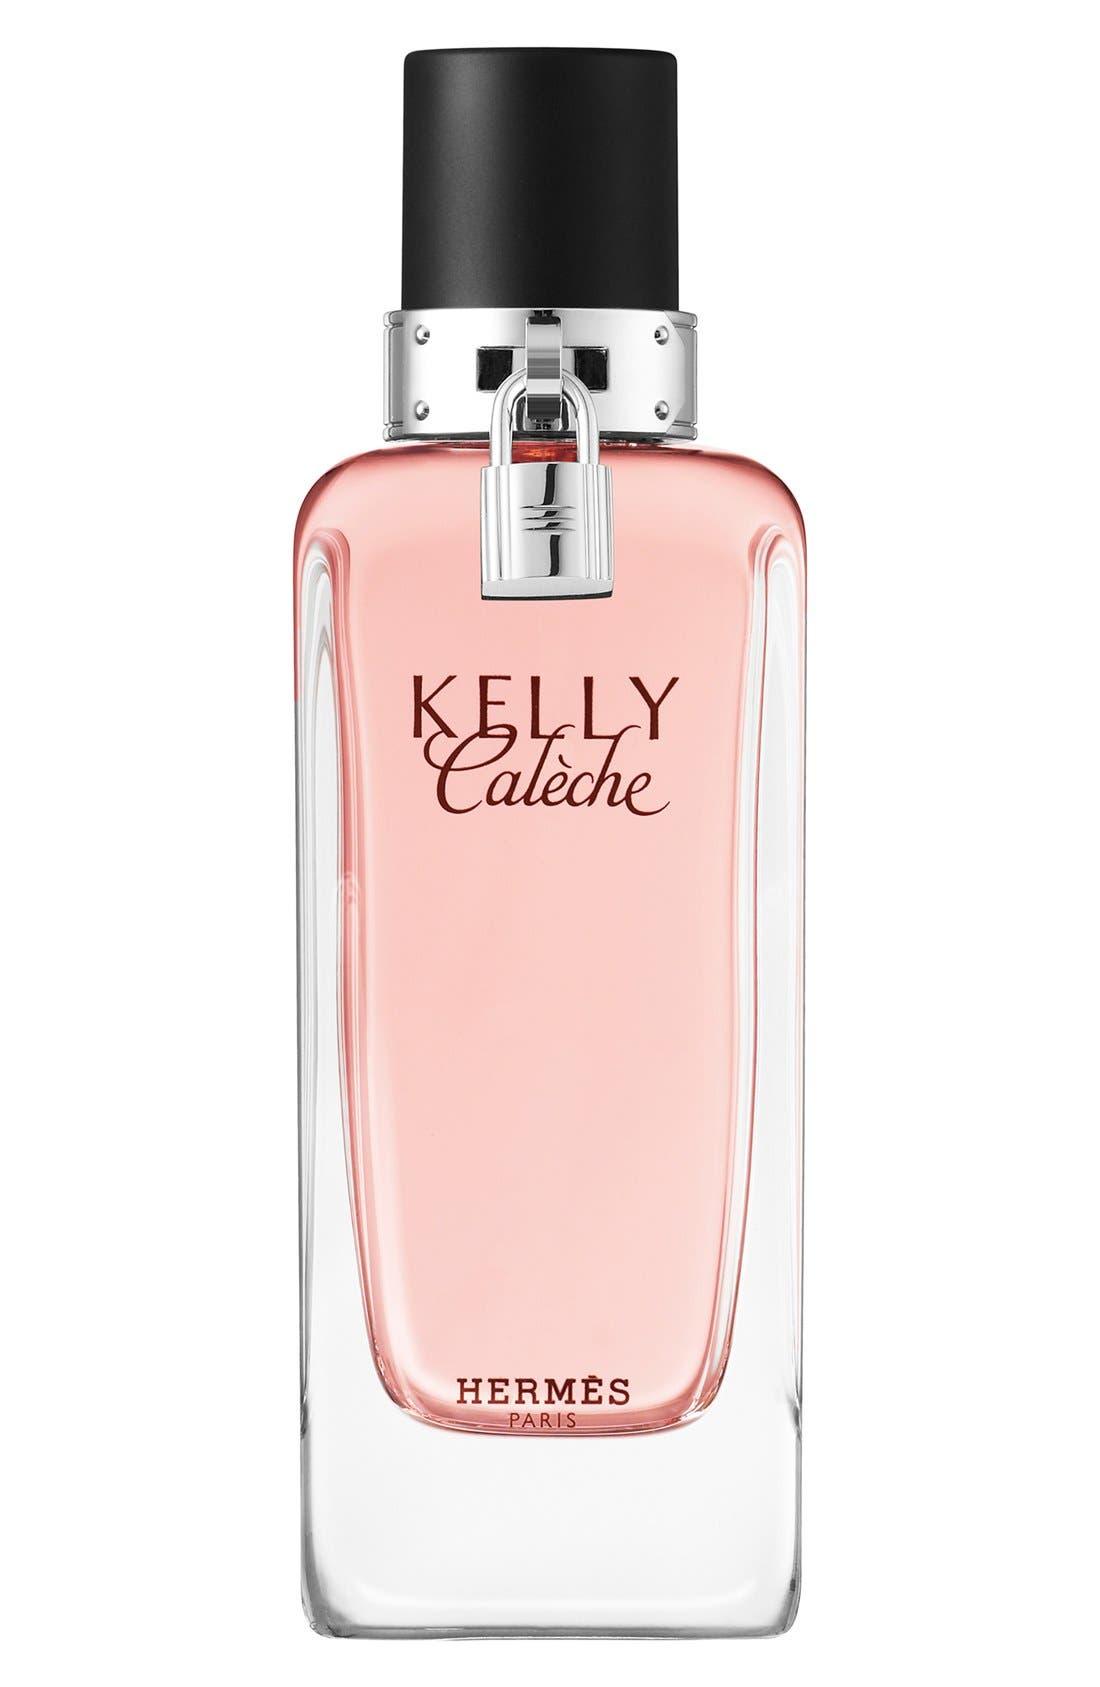 Hermès Kelly Calèche - Eau de parfum,                         Main,                         color, NO COLOR